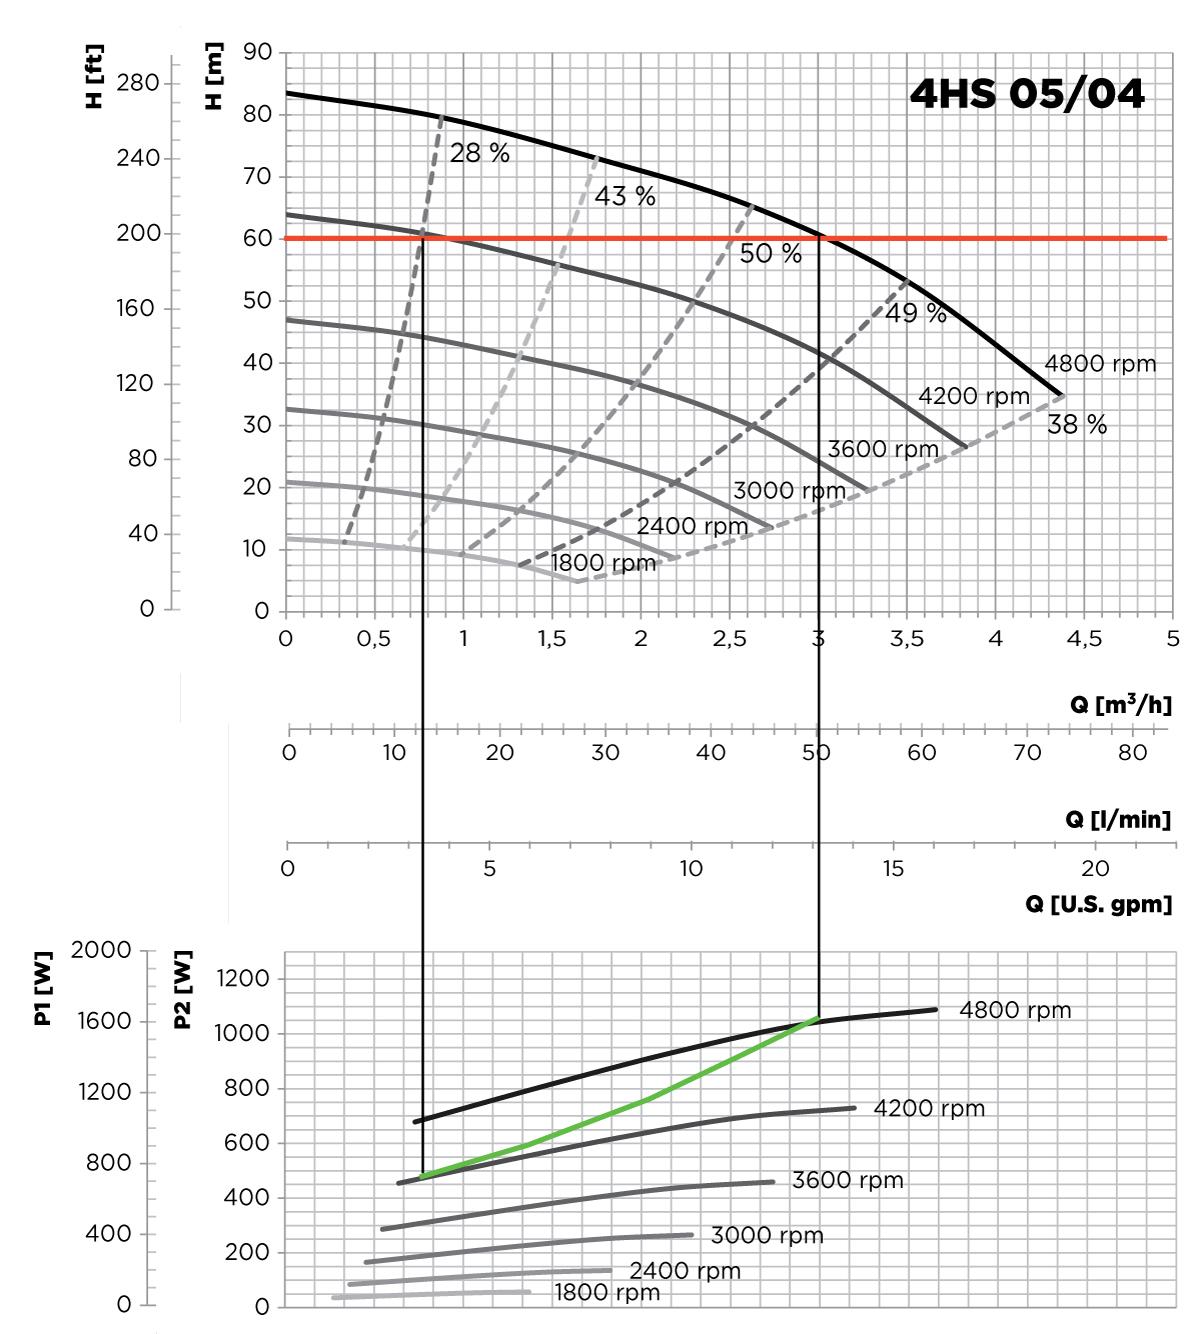 4HS-05-04-pump-selection